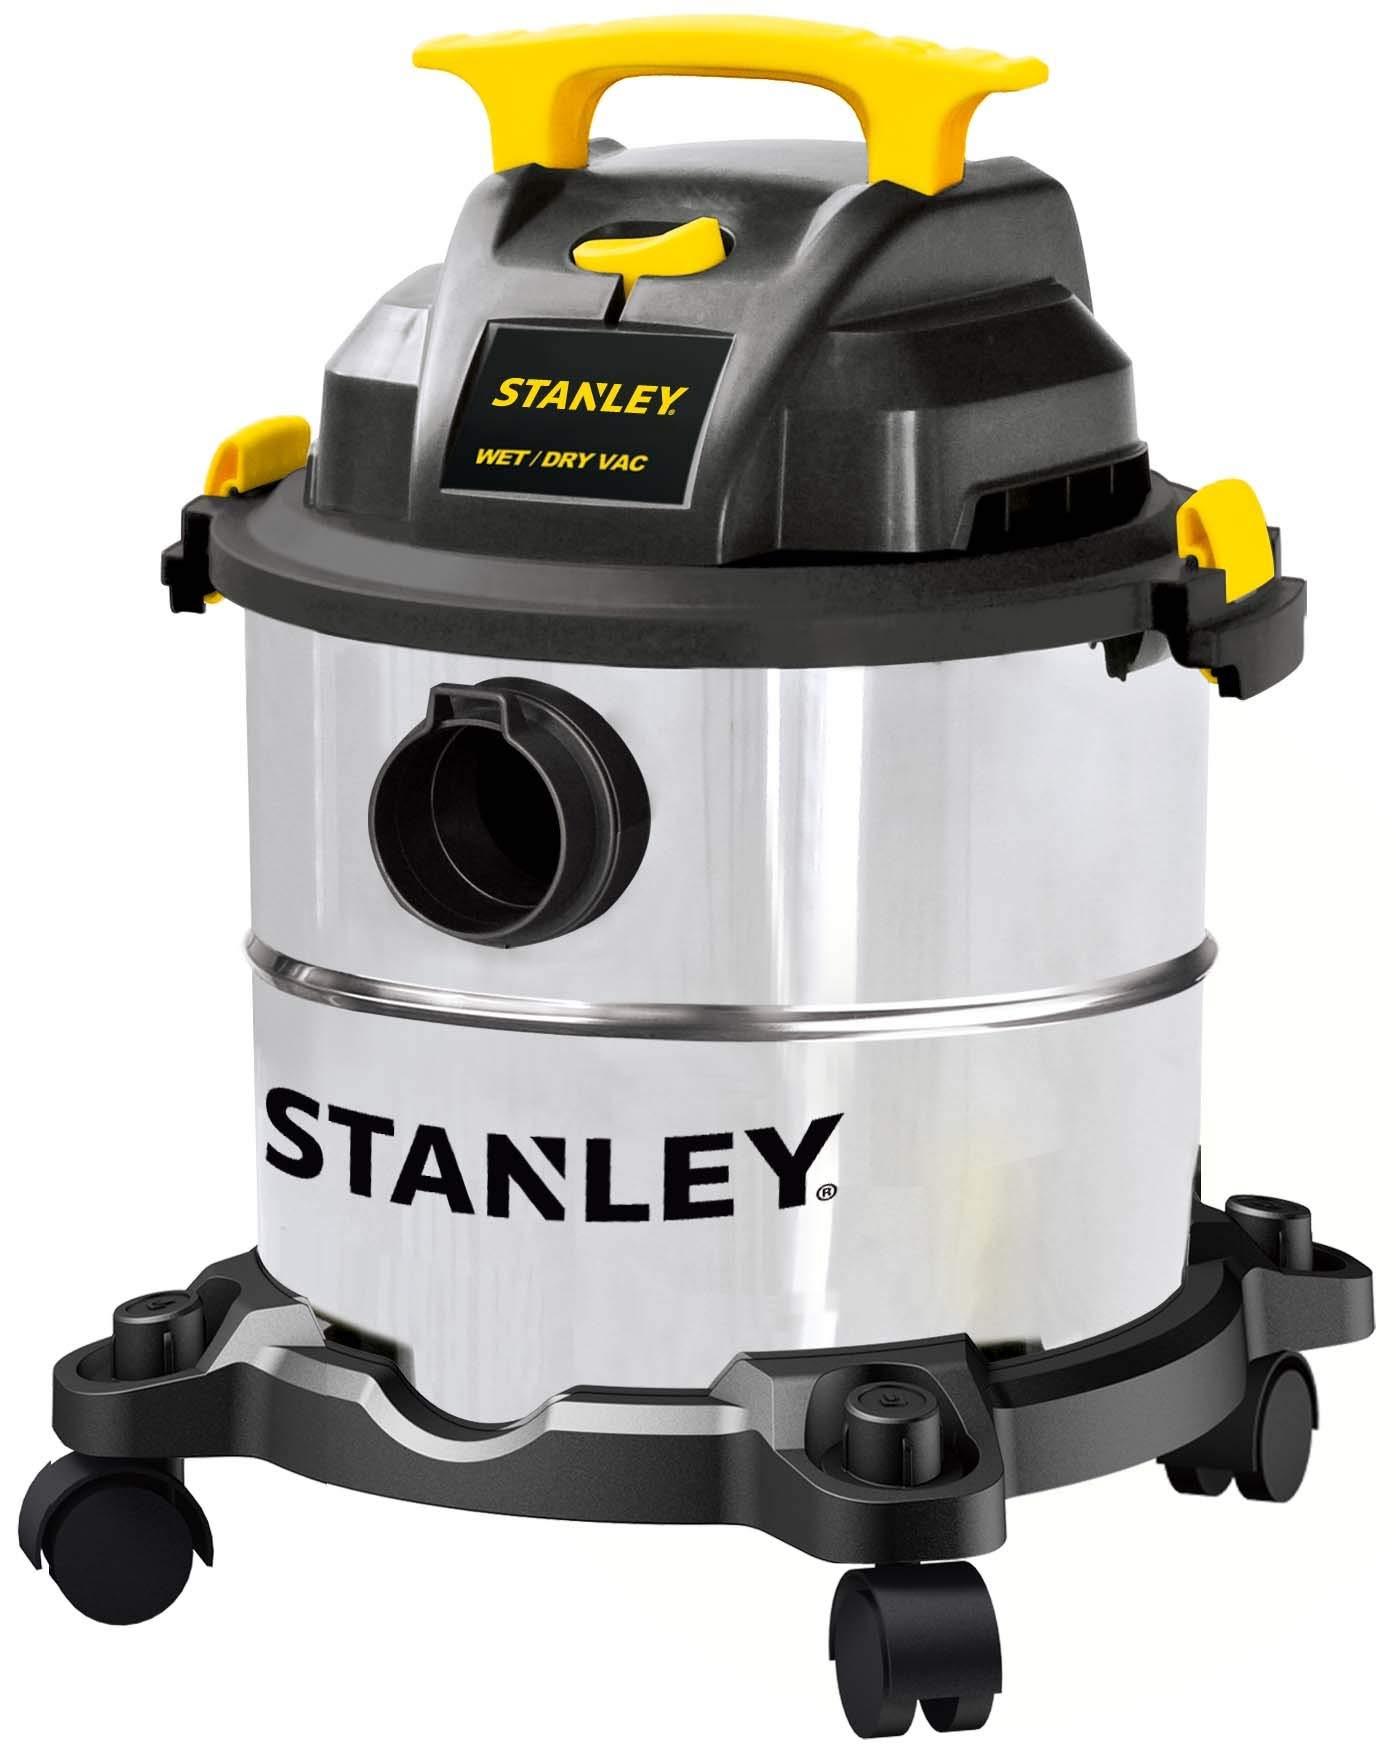 Stanley SL18115 Wet/Dry Wet Dry Vacuum Steel Tank, 5 gallon/4.0 HP/50'' (Renewed) by Stanley